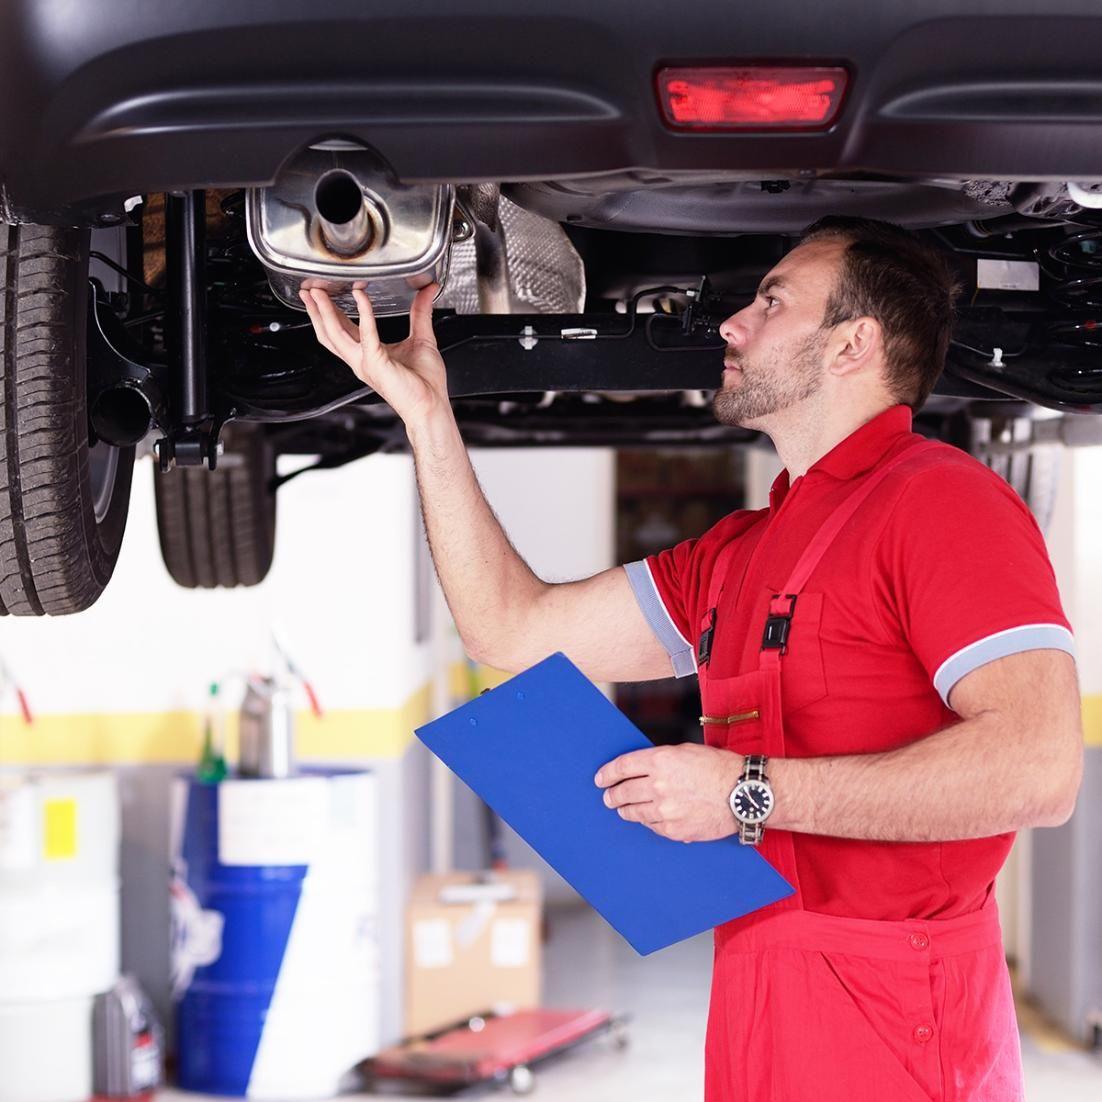 10b06ad550bad00fc4574ca726057f8d - How Much Is It To Get Your Car Tuned